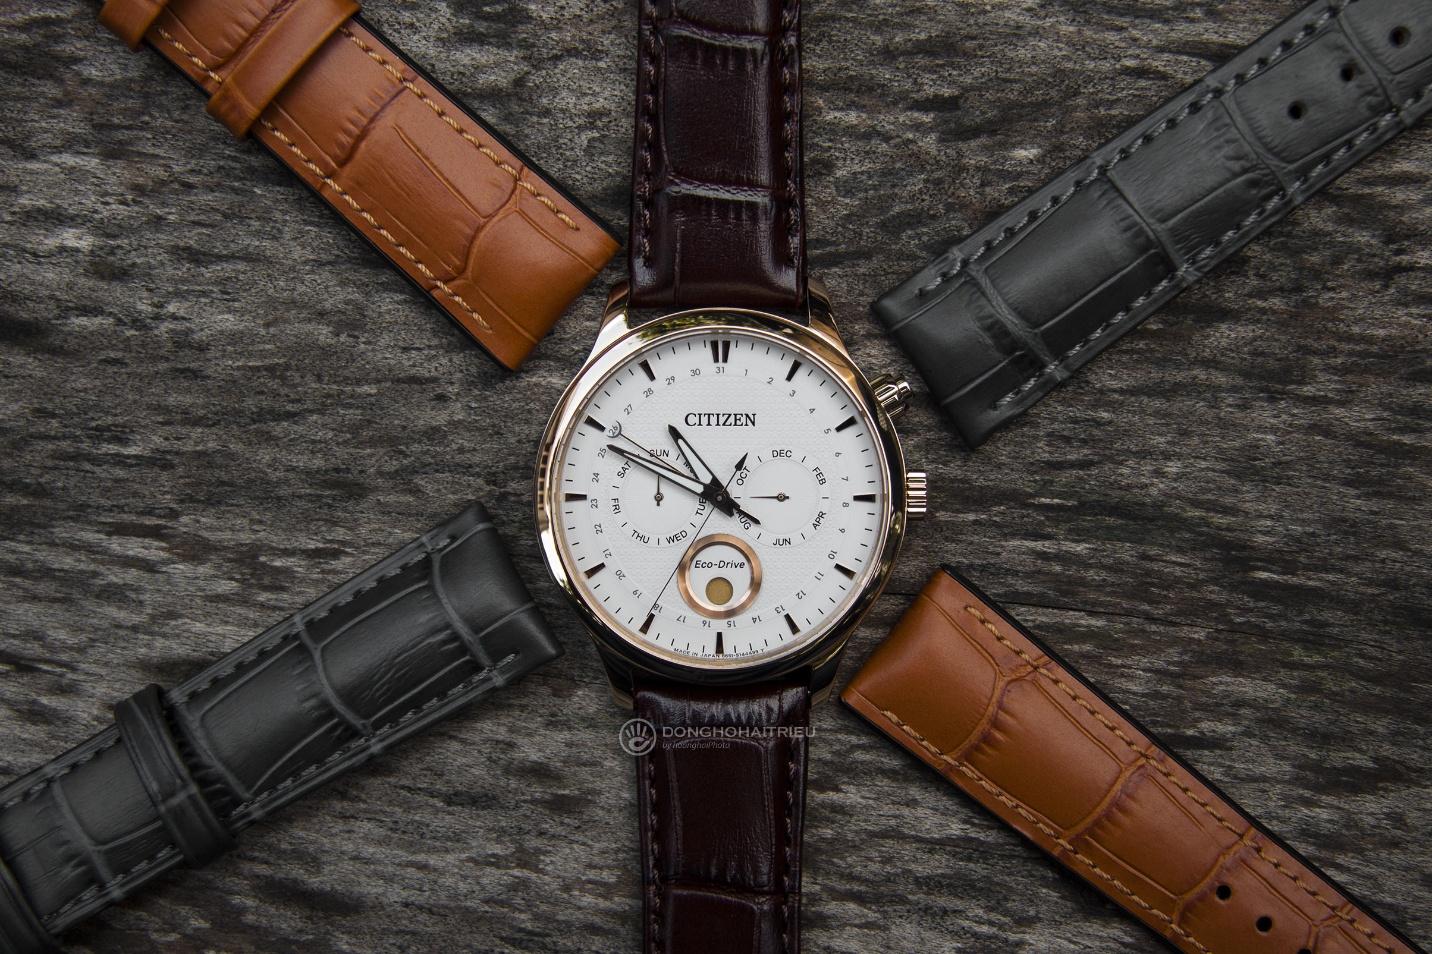 Bộ sưu tập dây da được các thương hiệu đồng hồ nổi tiếng thế giới ưa chuộng - Ảnh 9.